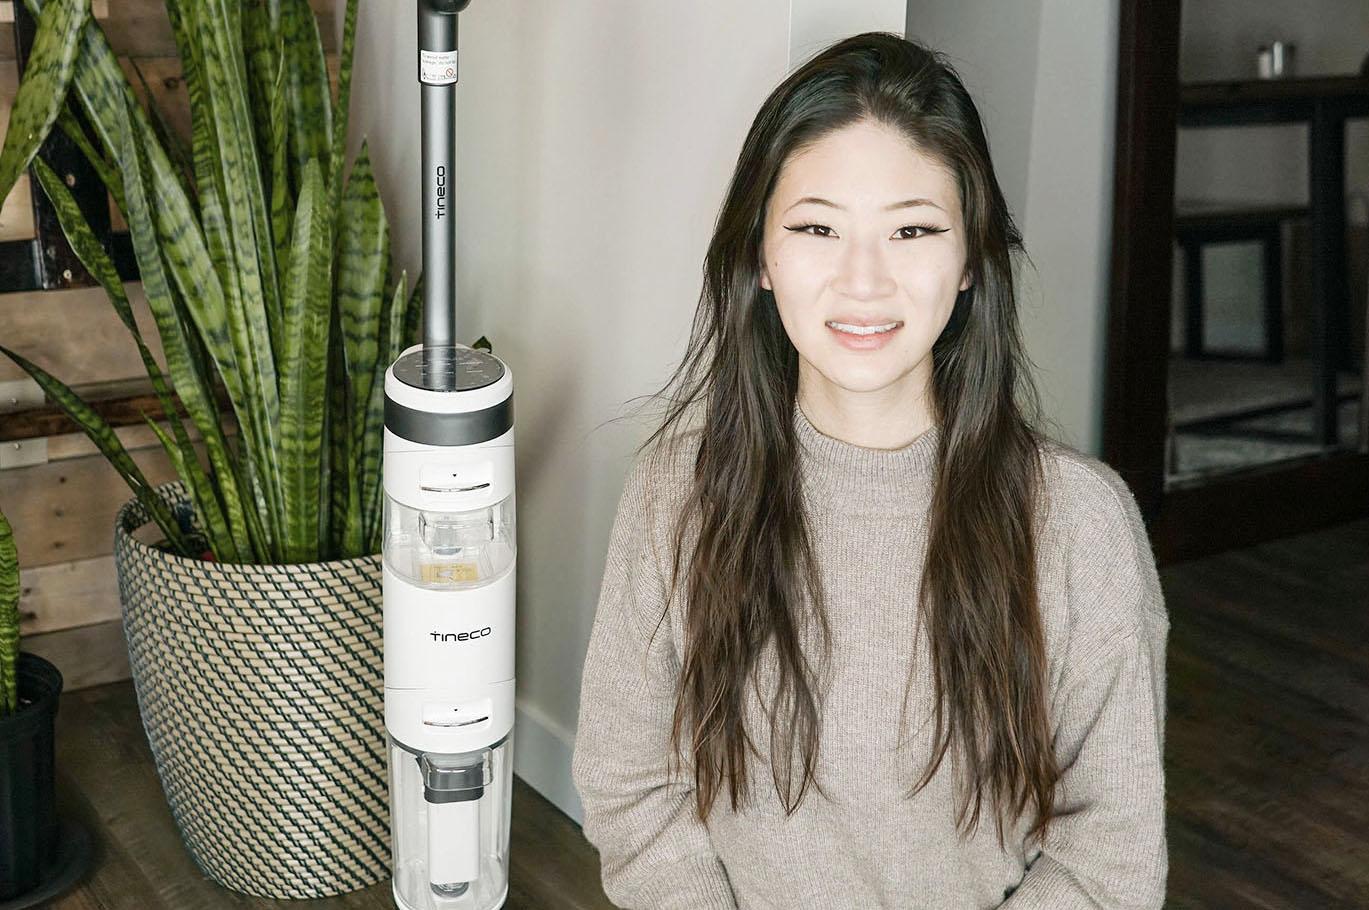 Tineco iFloor 3 Wet-Dry Upright Vacuum 5